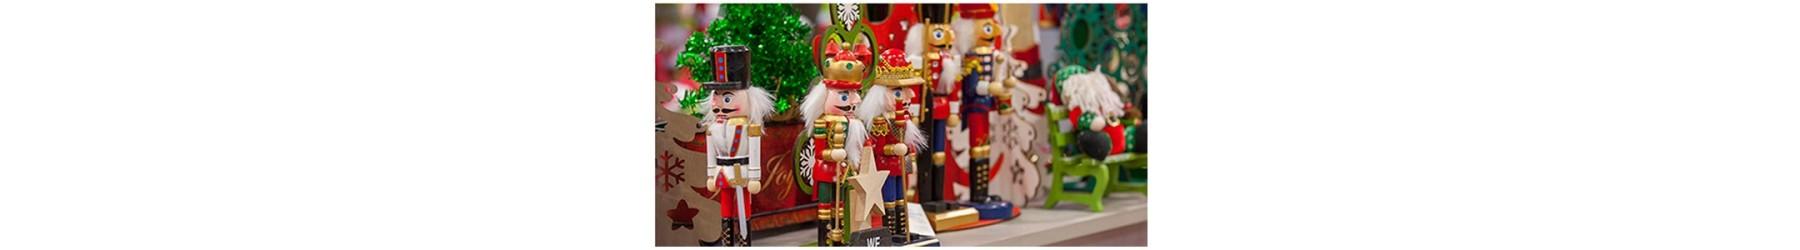 Καρυοθραύστες ξύλινοι για τη Χριστουγεννιάτικη διακόσμηση